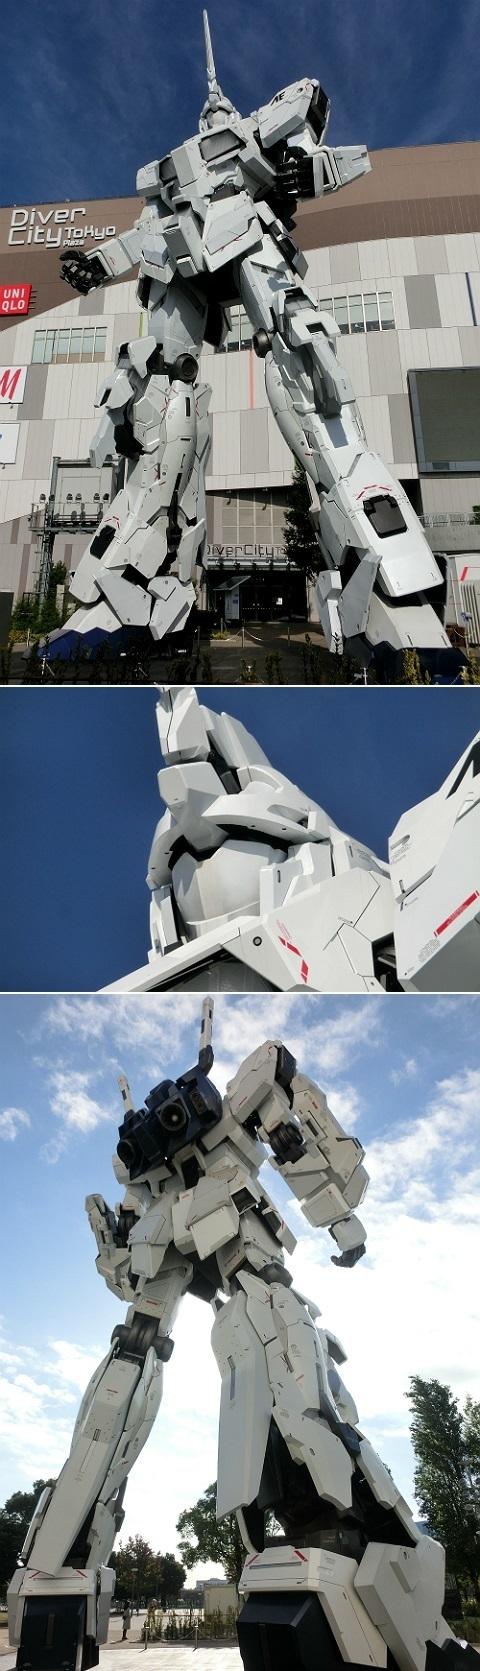 ダイバーシティ東京プラザ 実物大ユニコーンガンダム立像